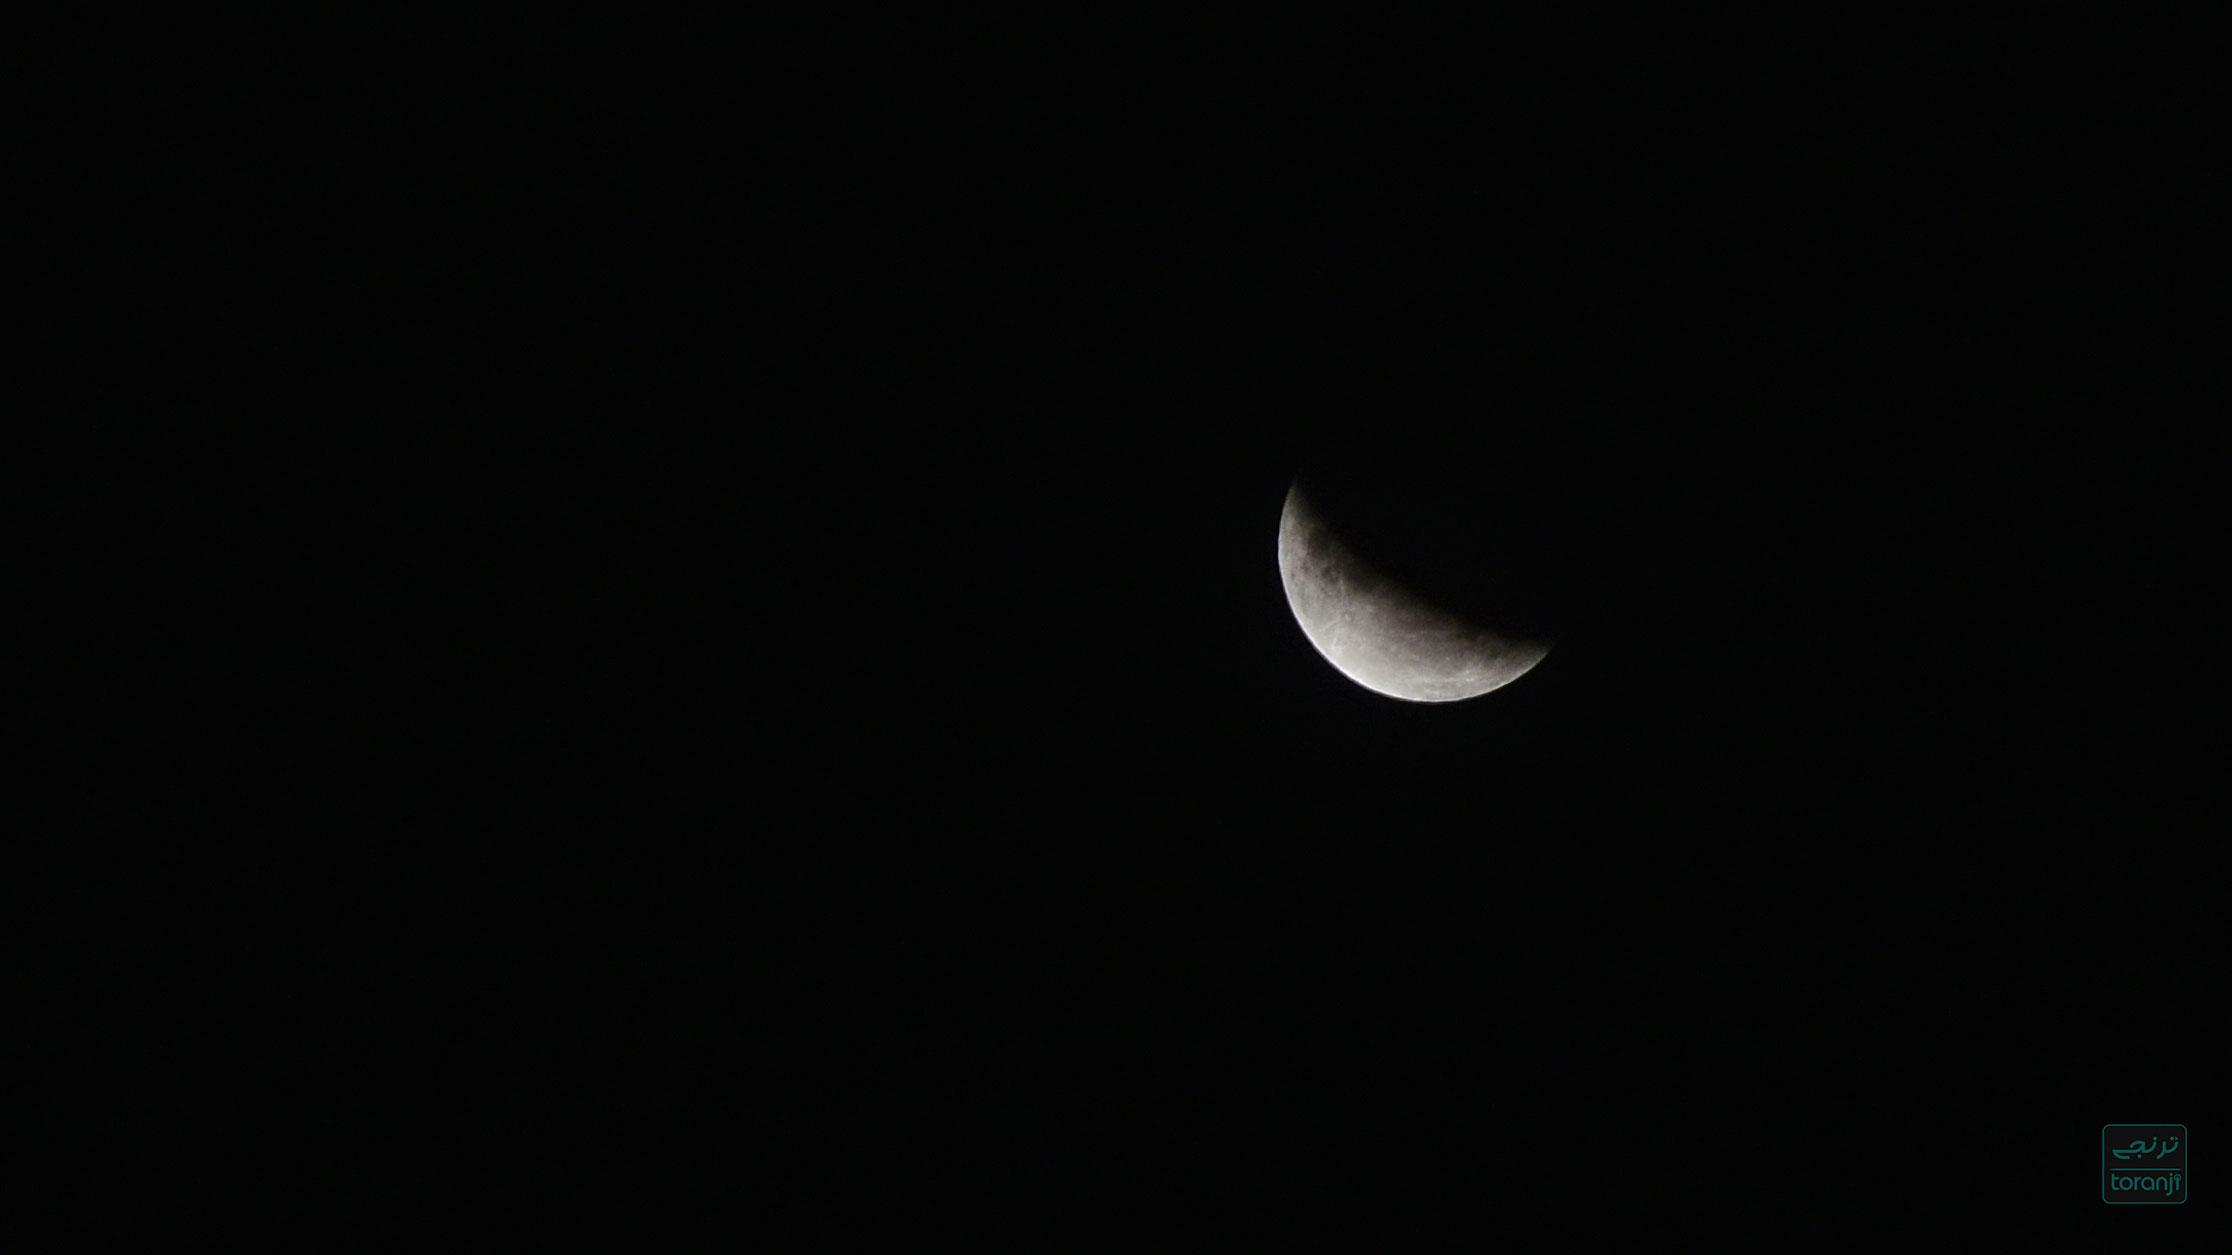 عکس های ماه گرفتگی ۲۶ تیر ۹۸